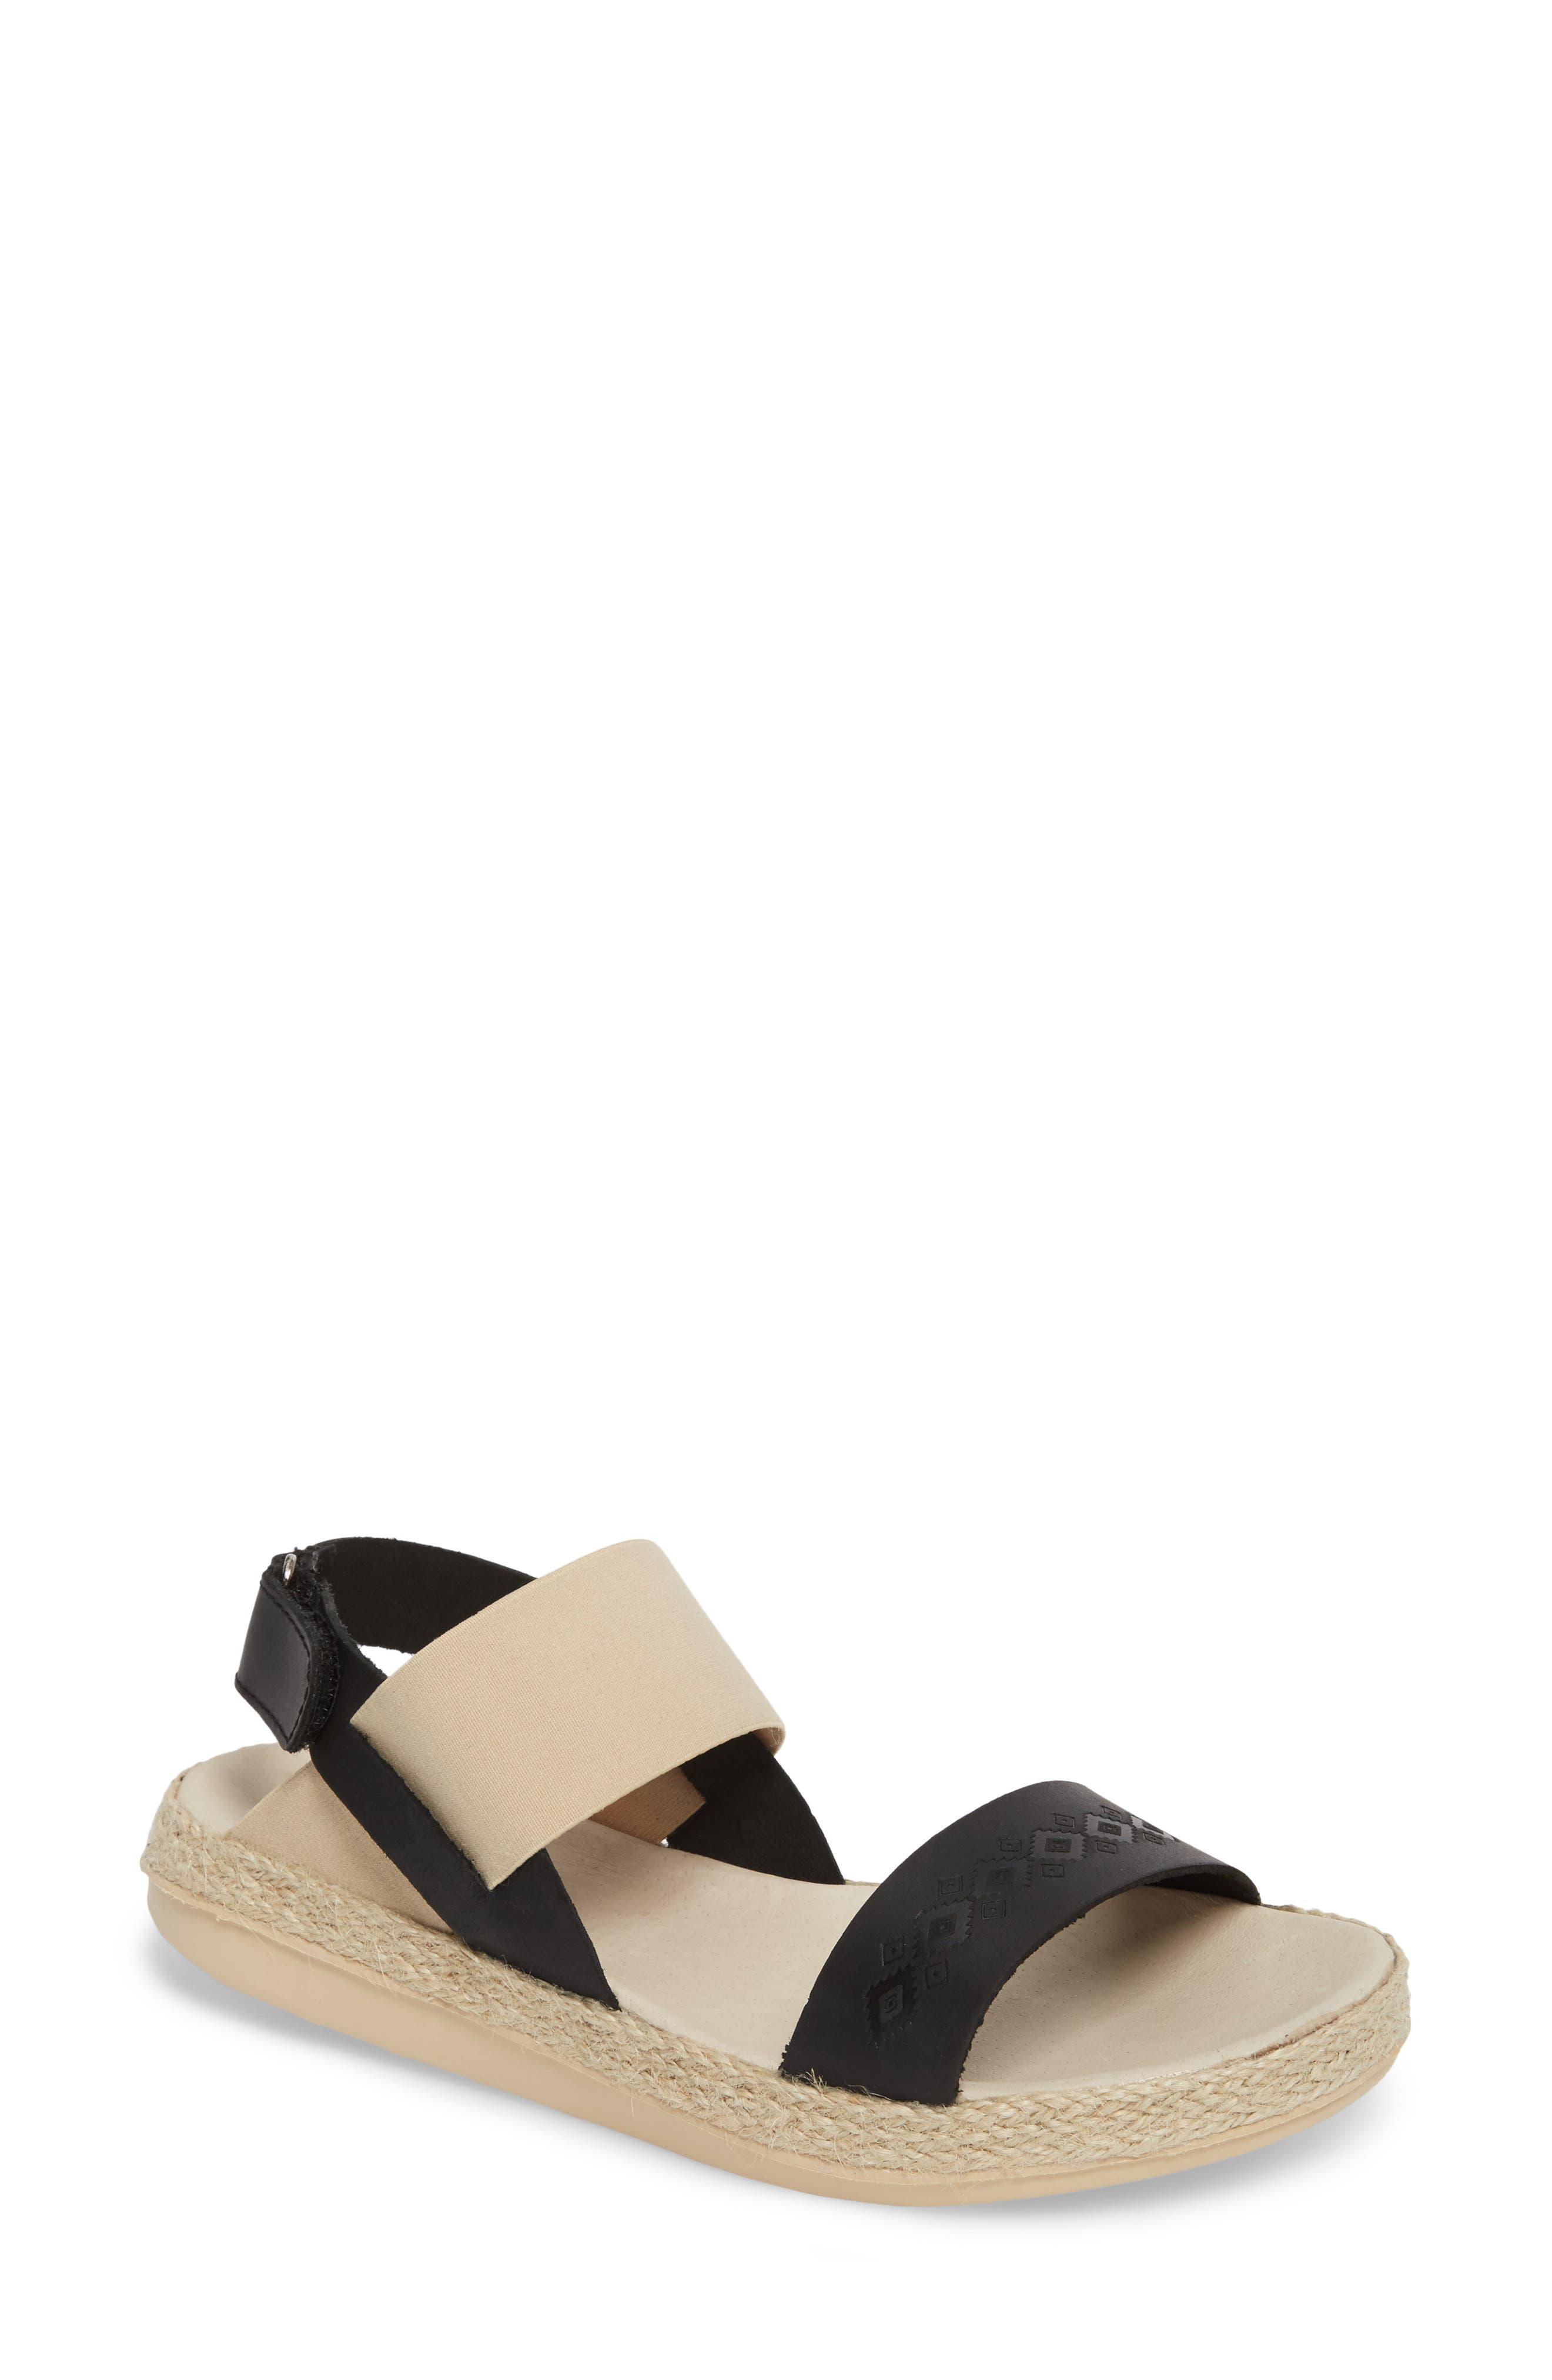 Tobermory Sandal,                             Main thumbnail 1, color,                             Black Leather